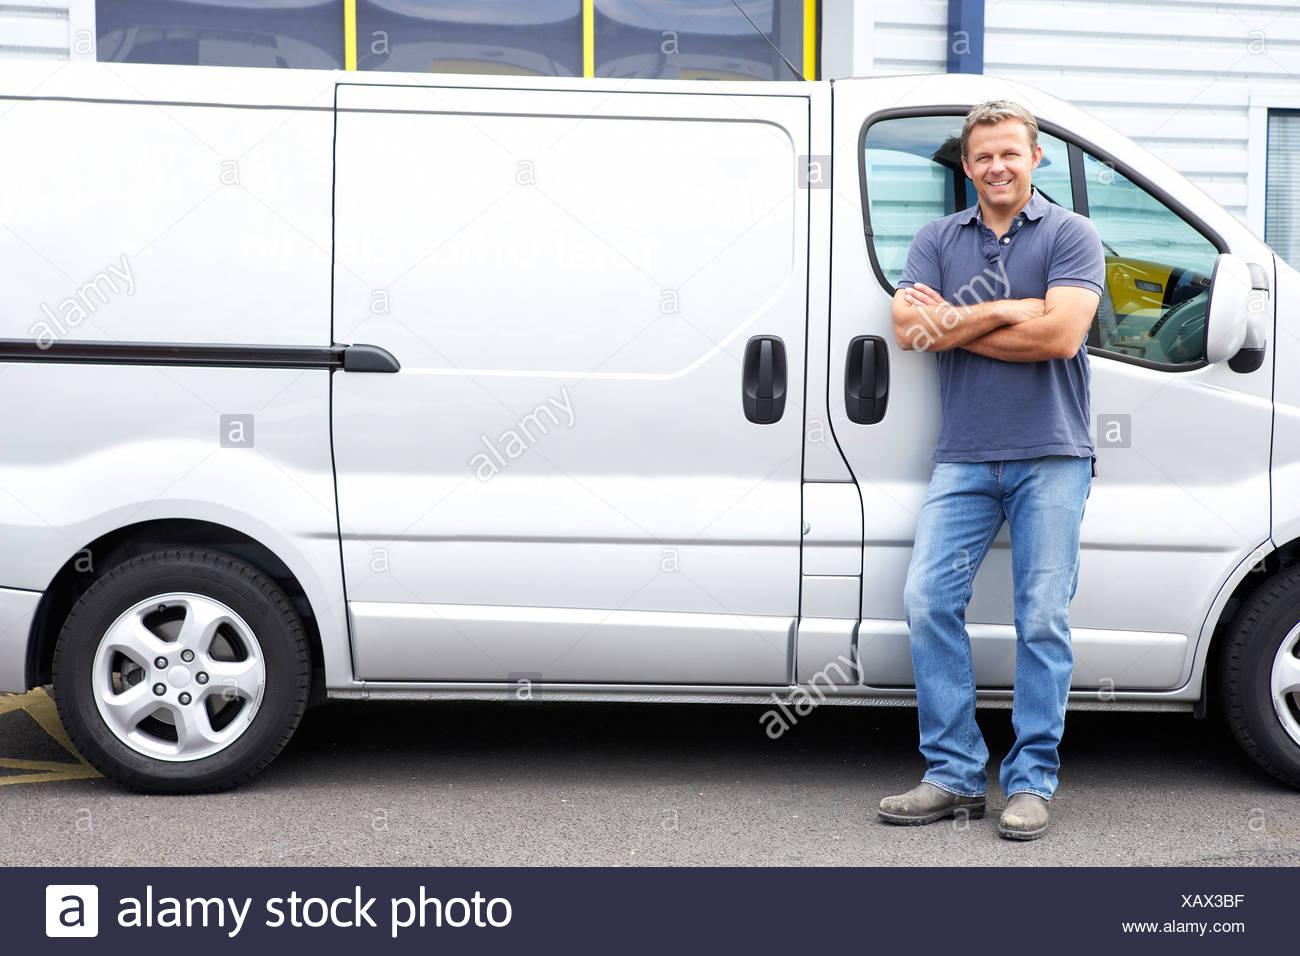 Man standing next to van - Stock Image